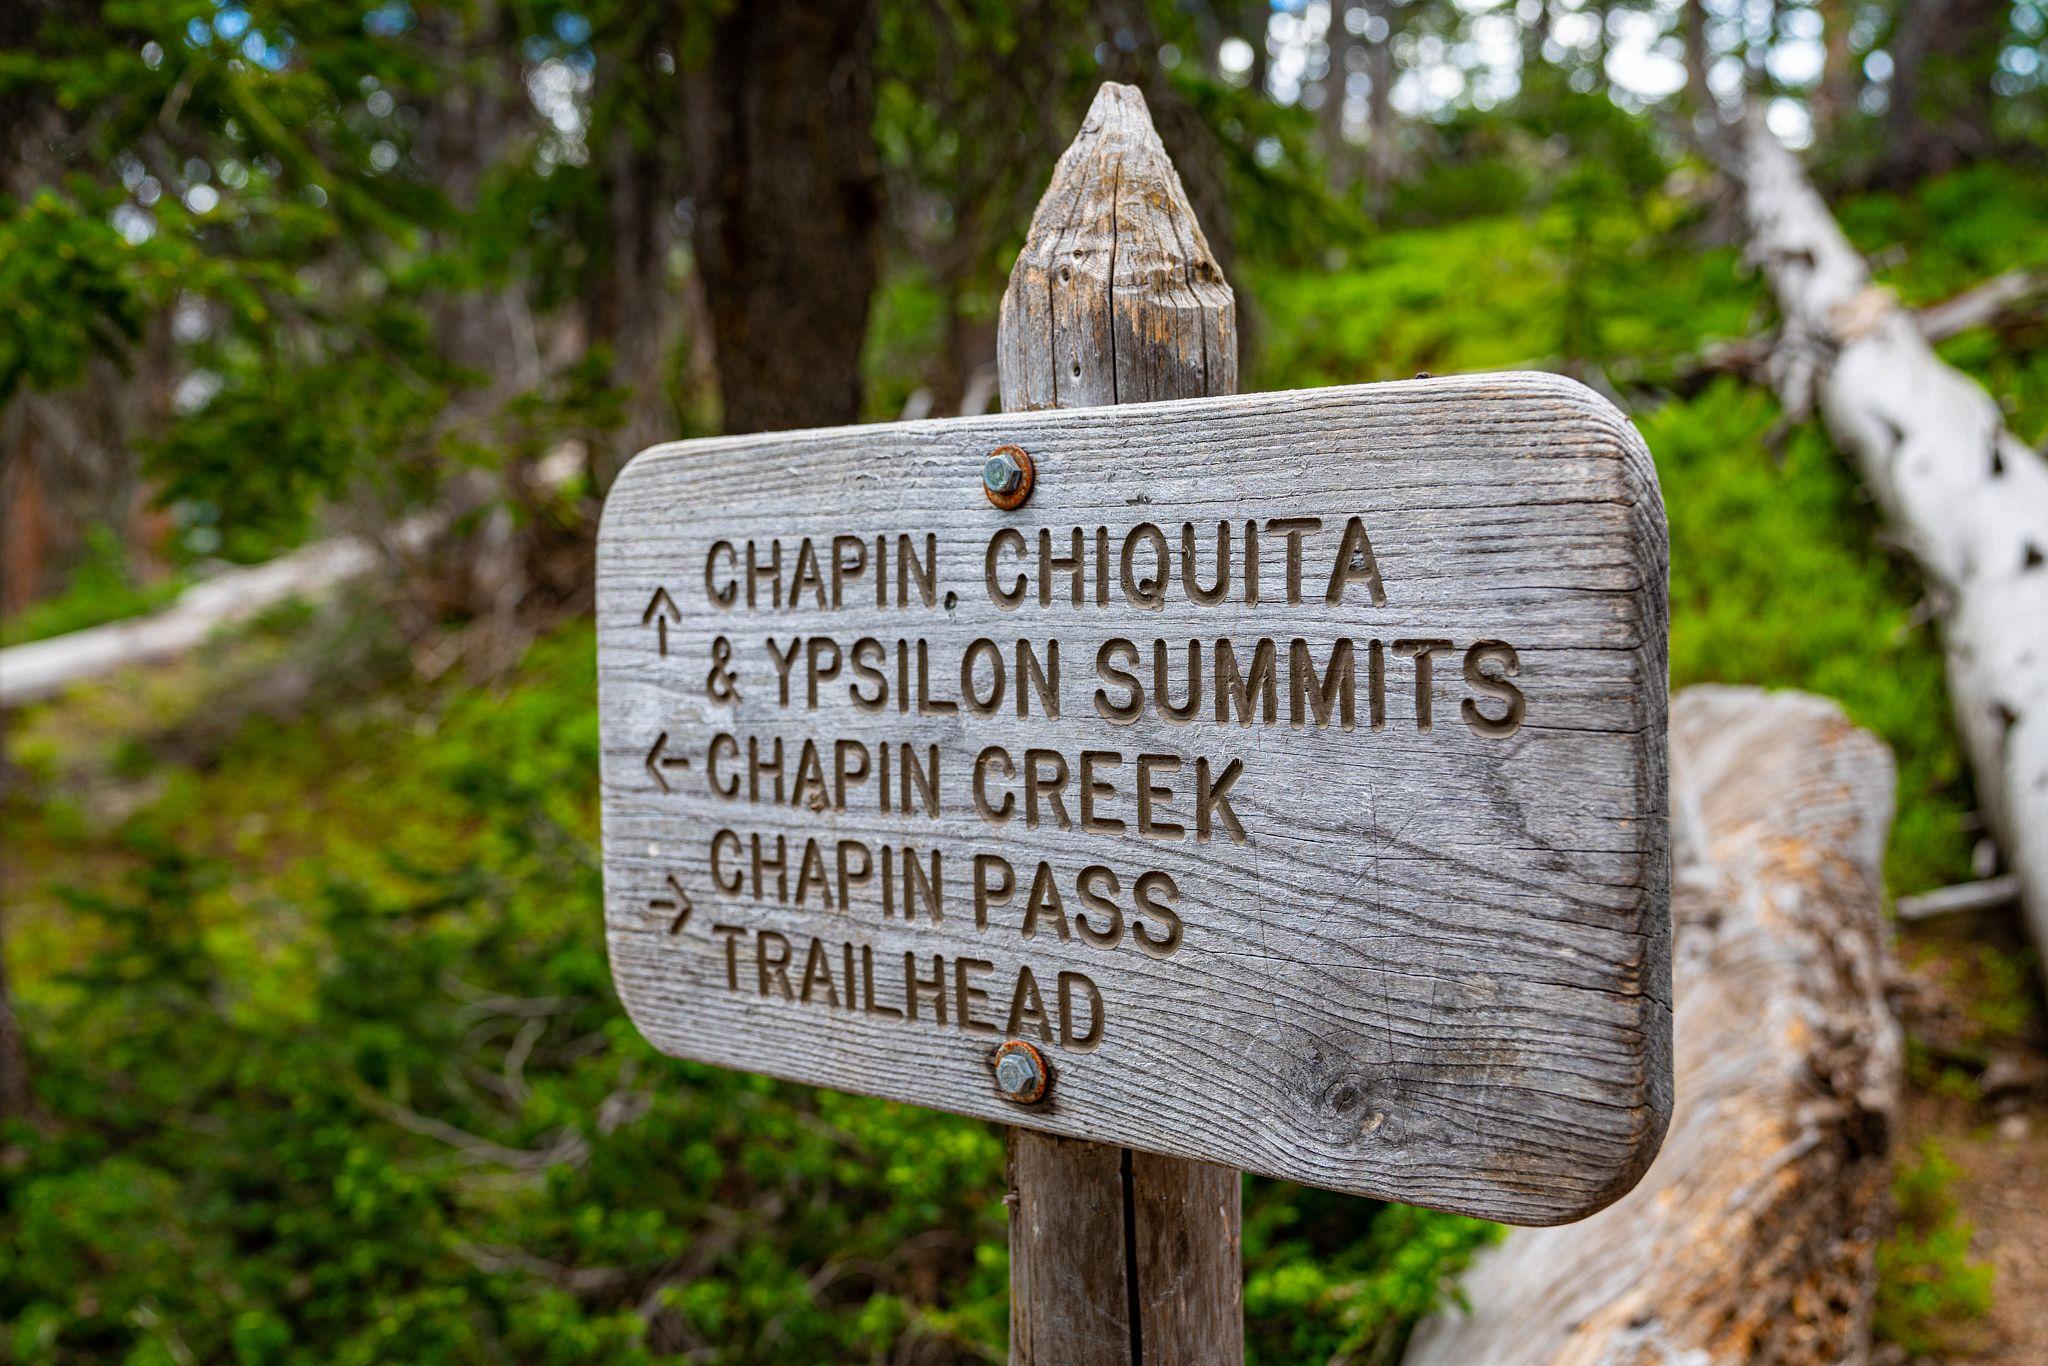 Chapin Creek Trailhead